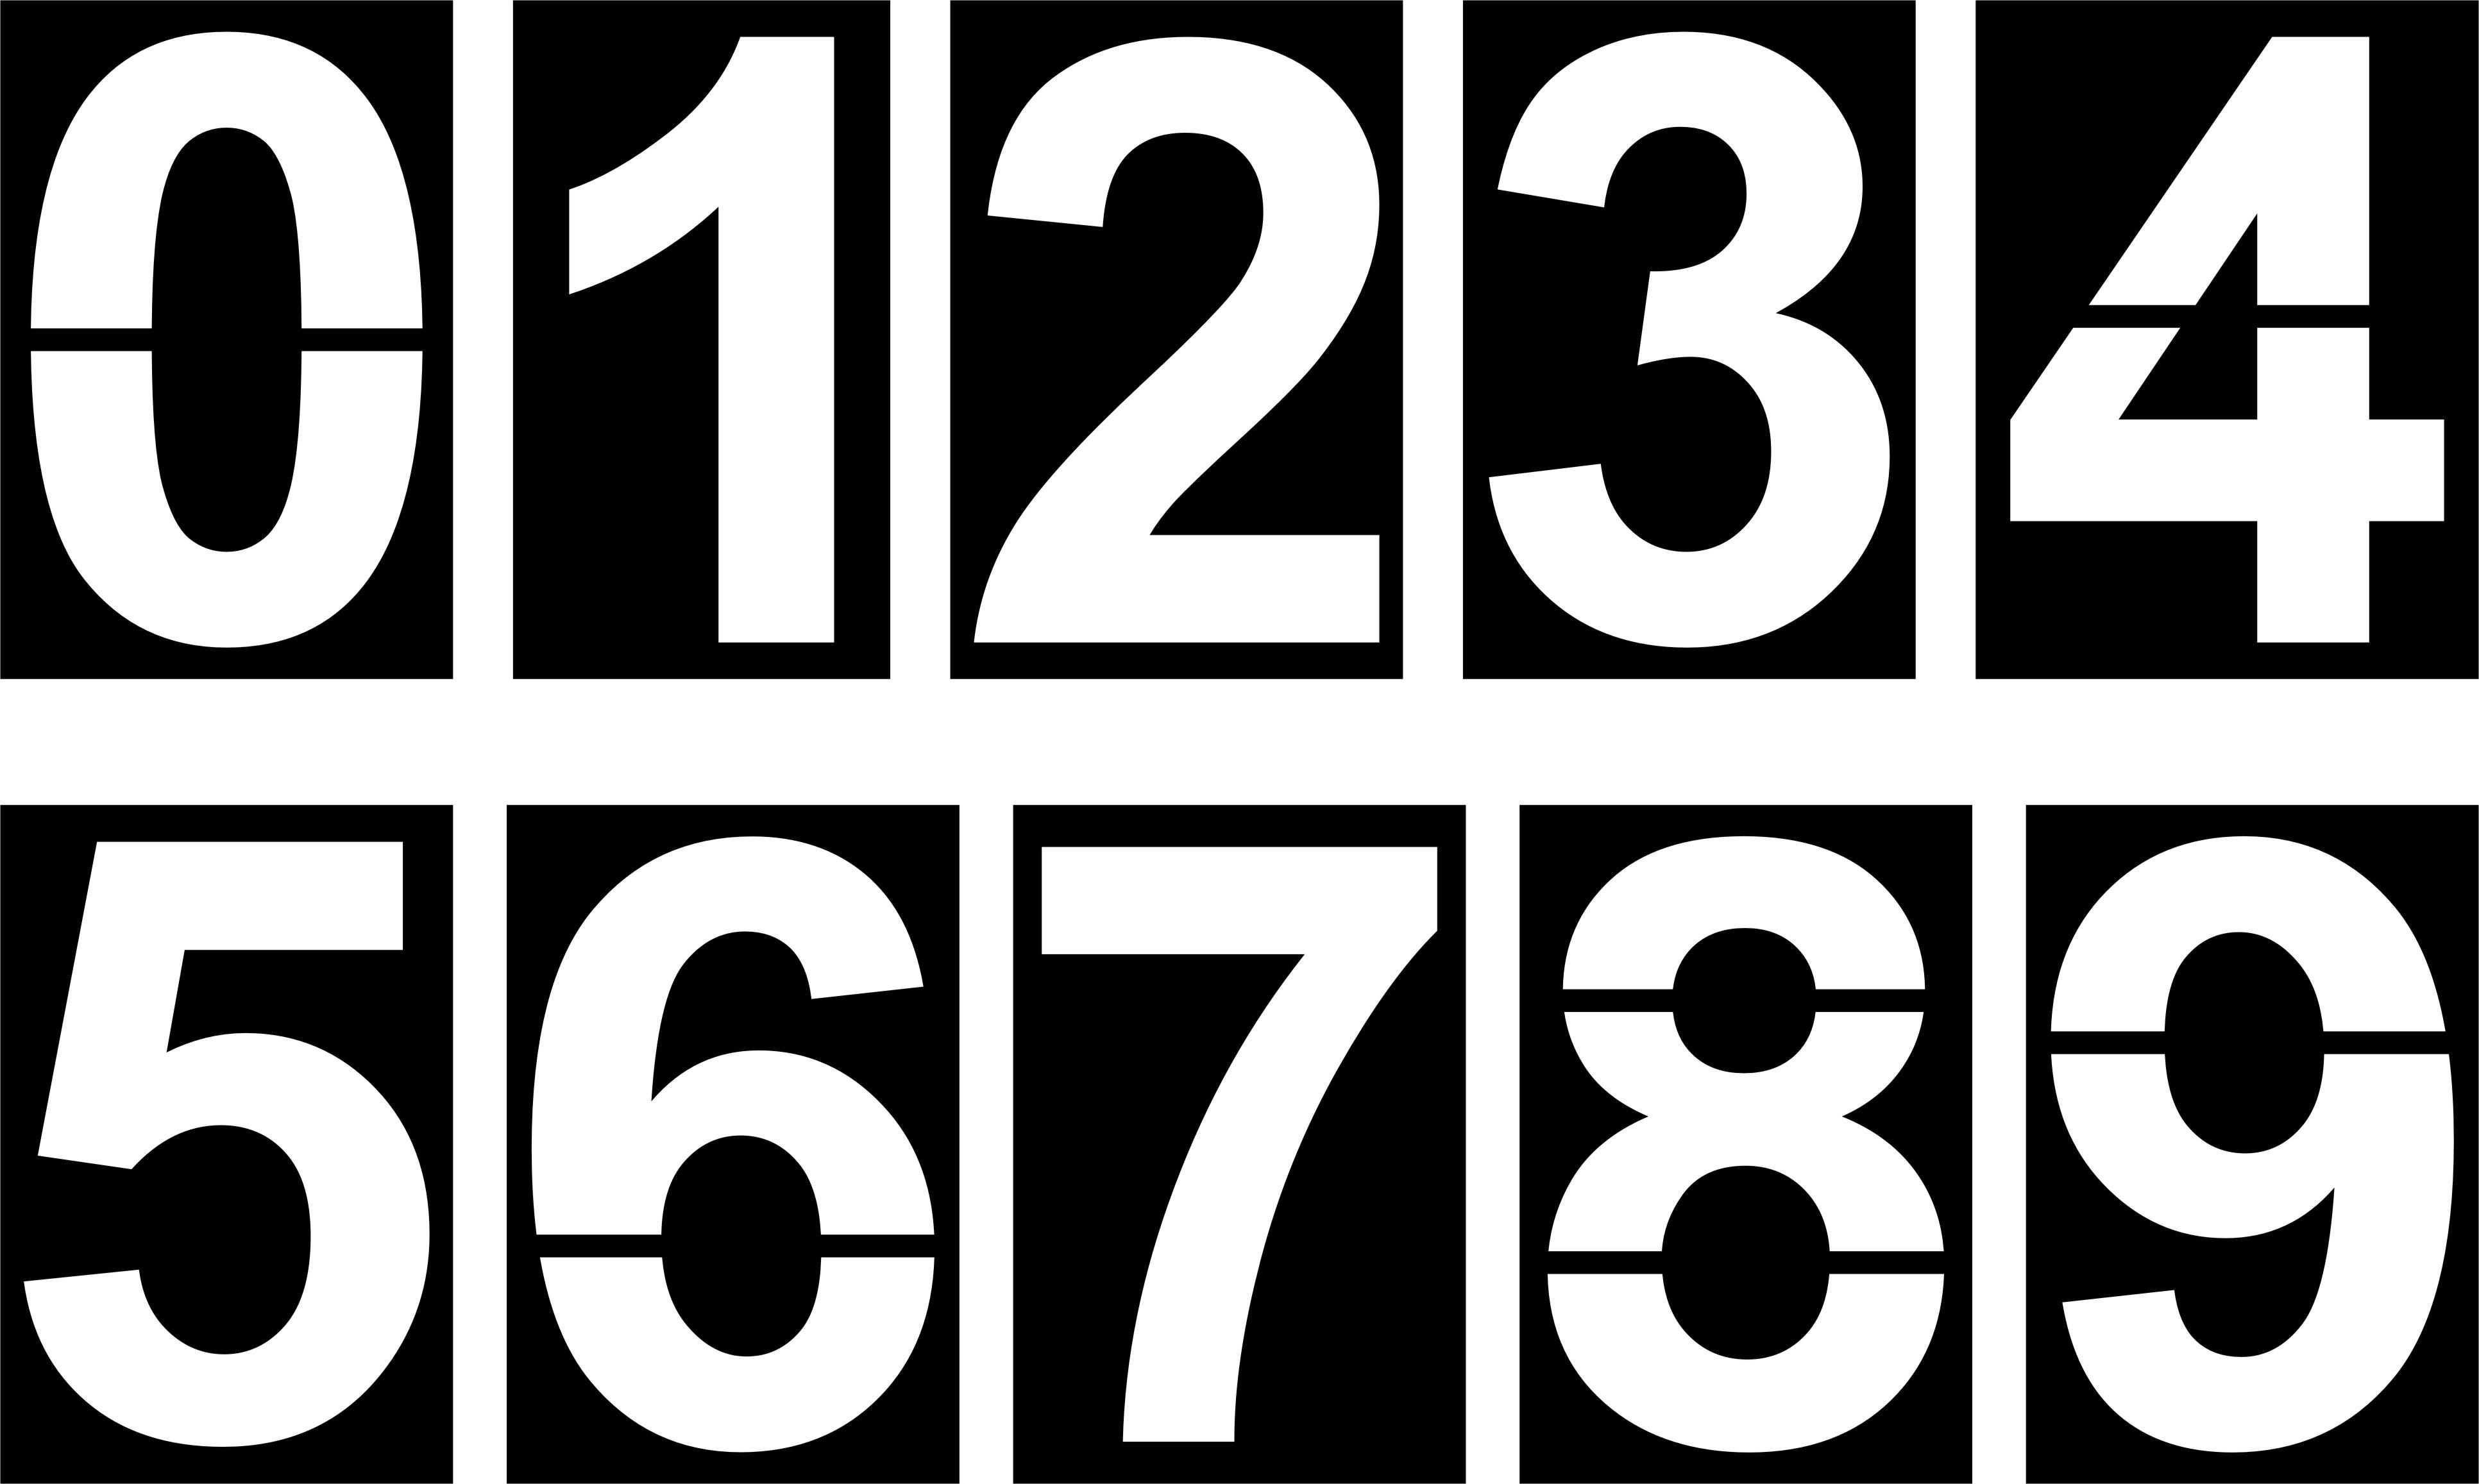 Résultats de recherche d'images pour «chiffre»